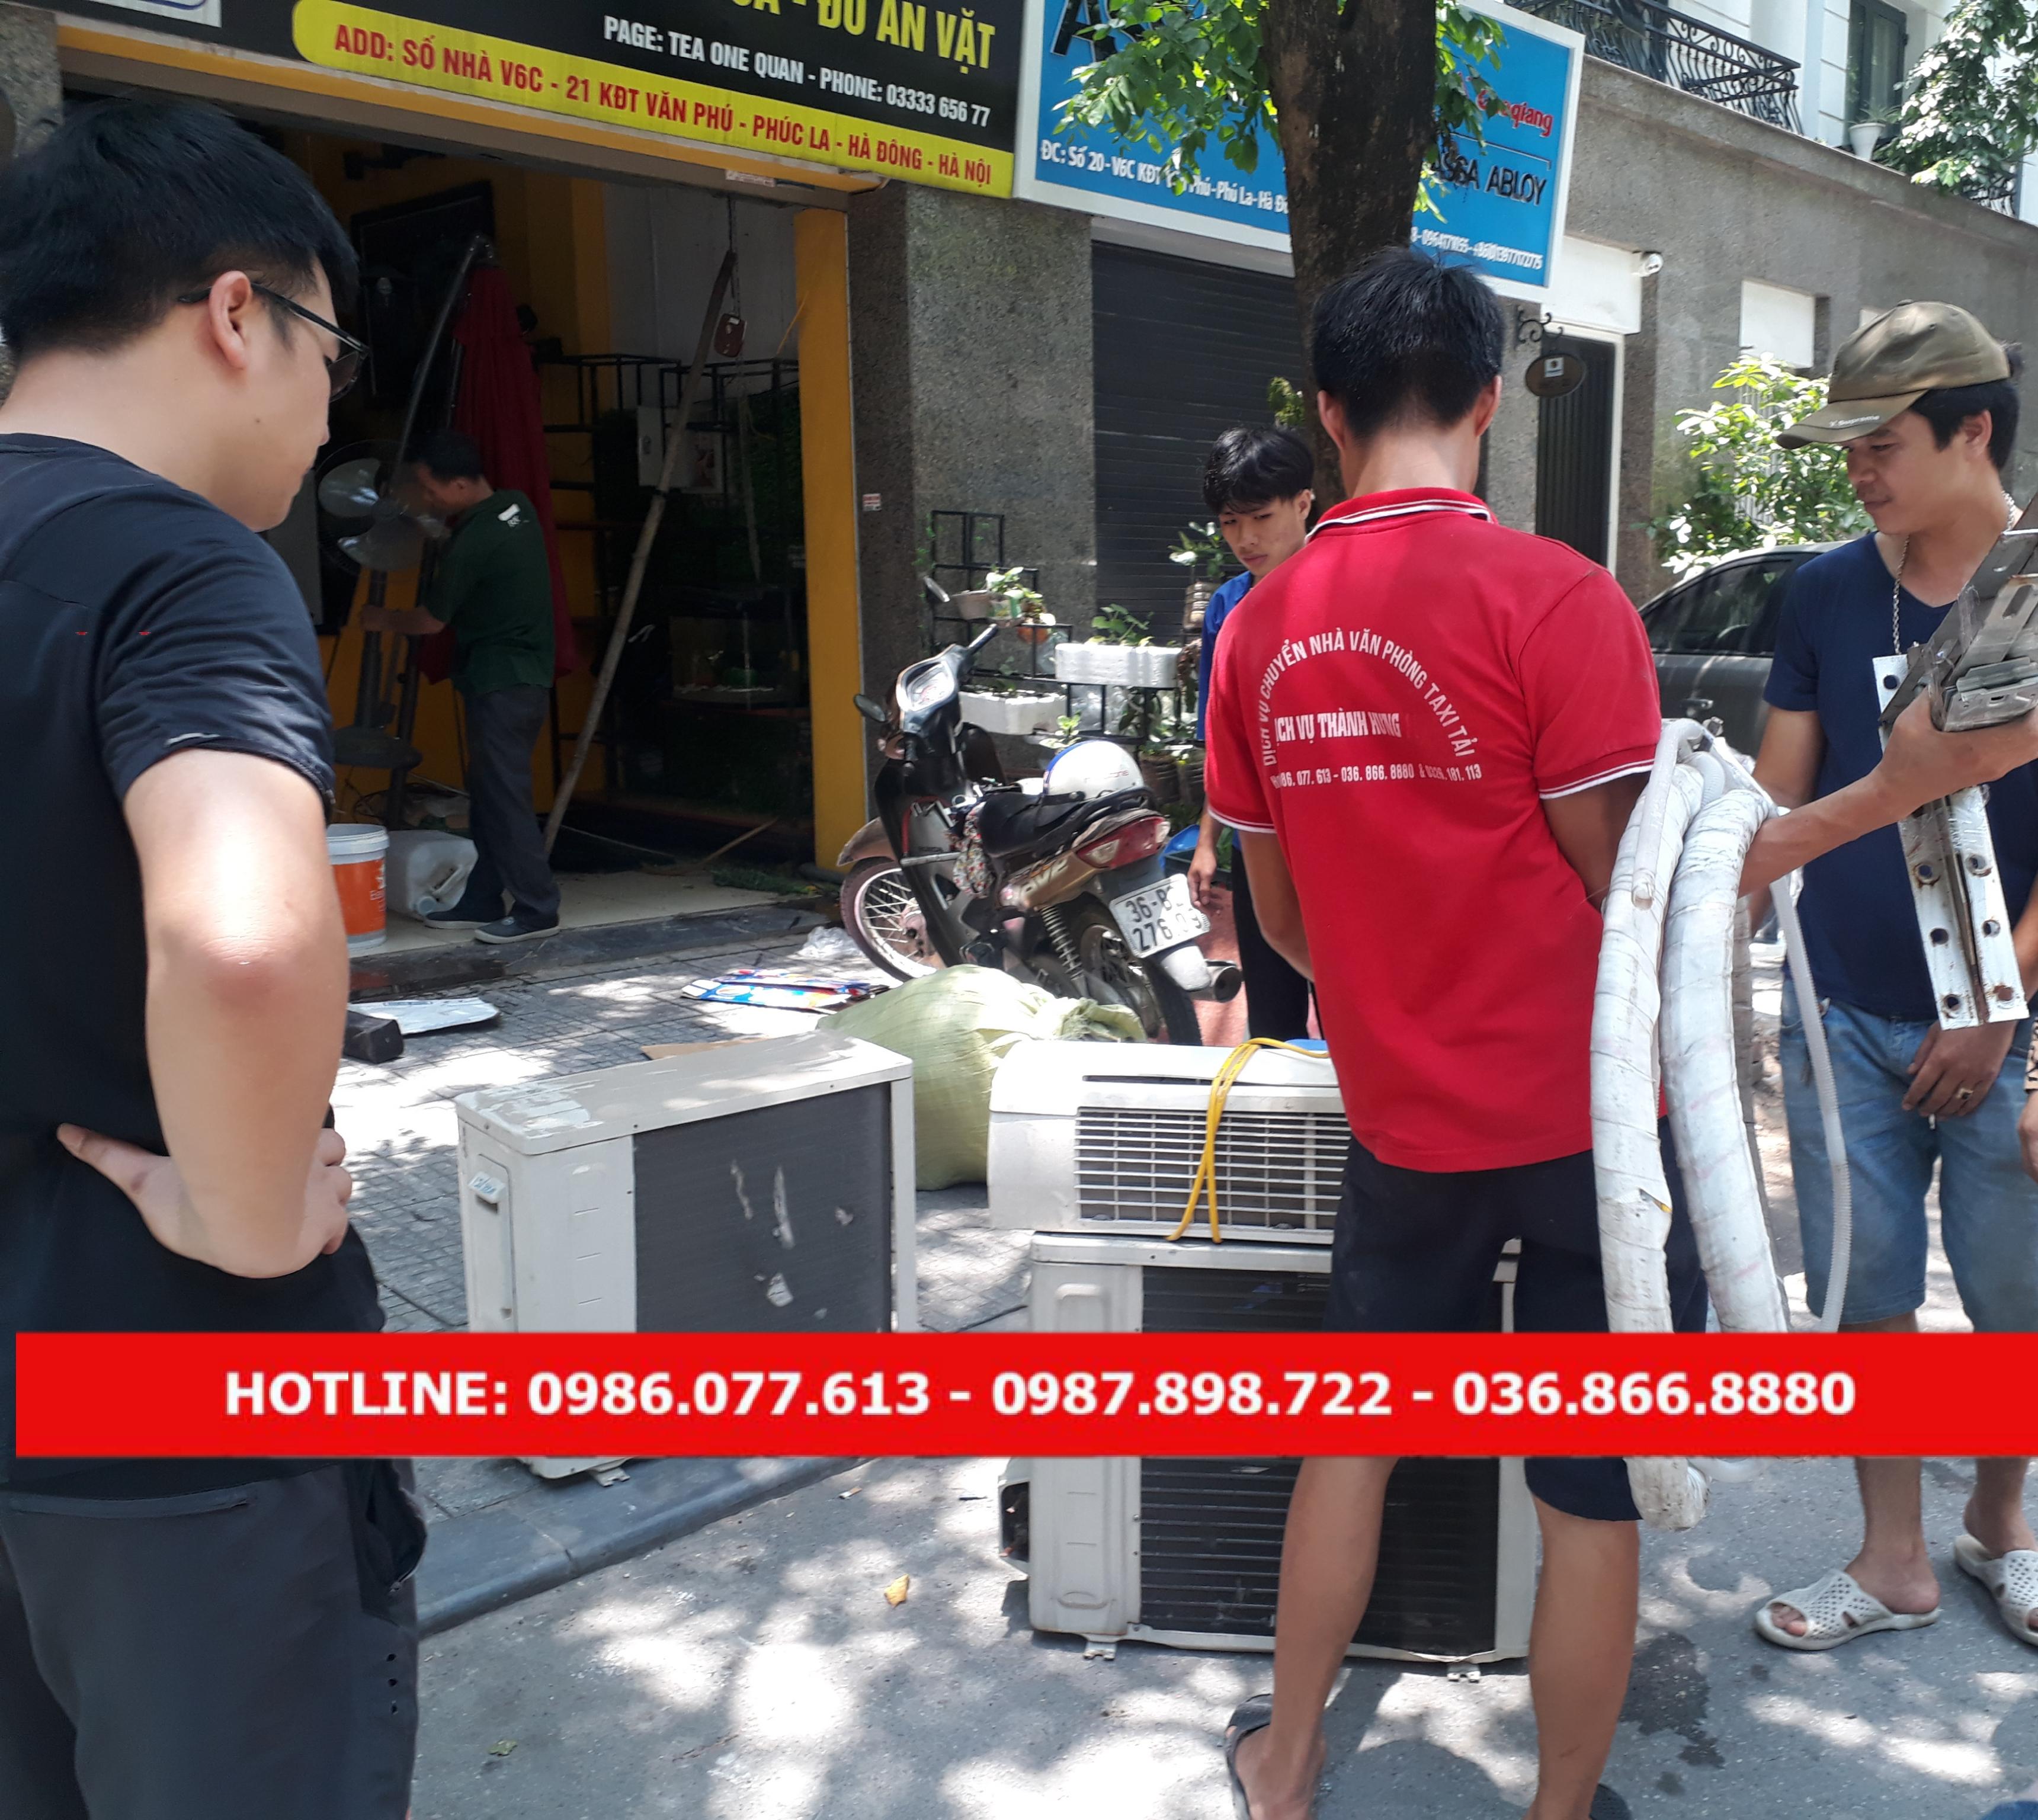 Dịch vụ tháo lắp điều hòa giá rẻ